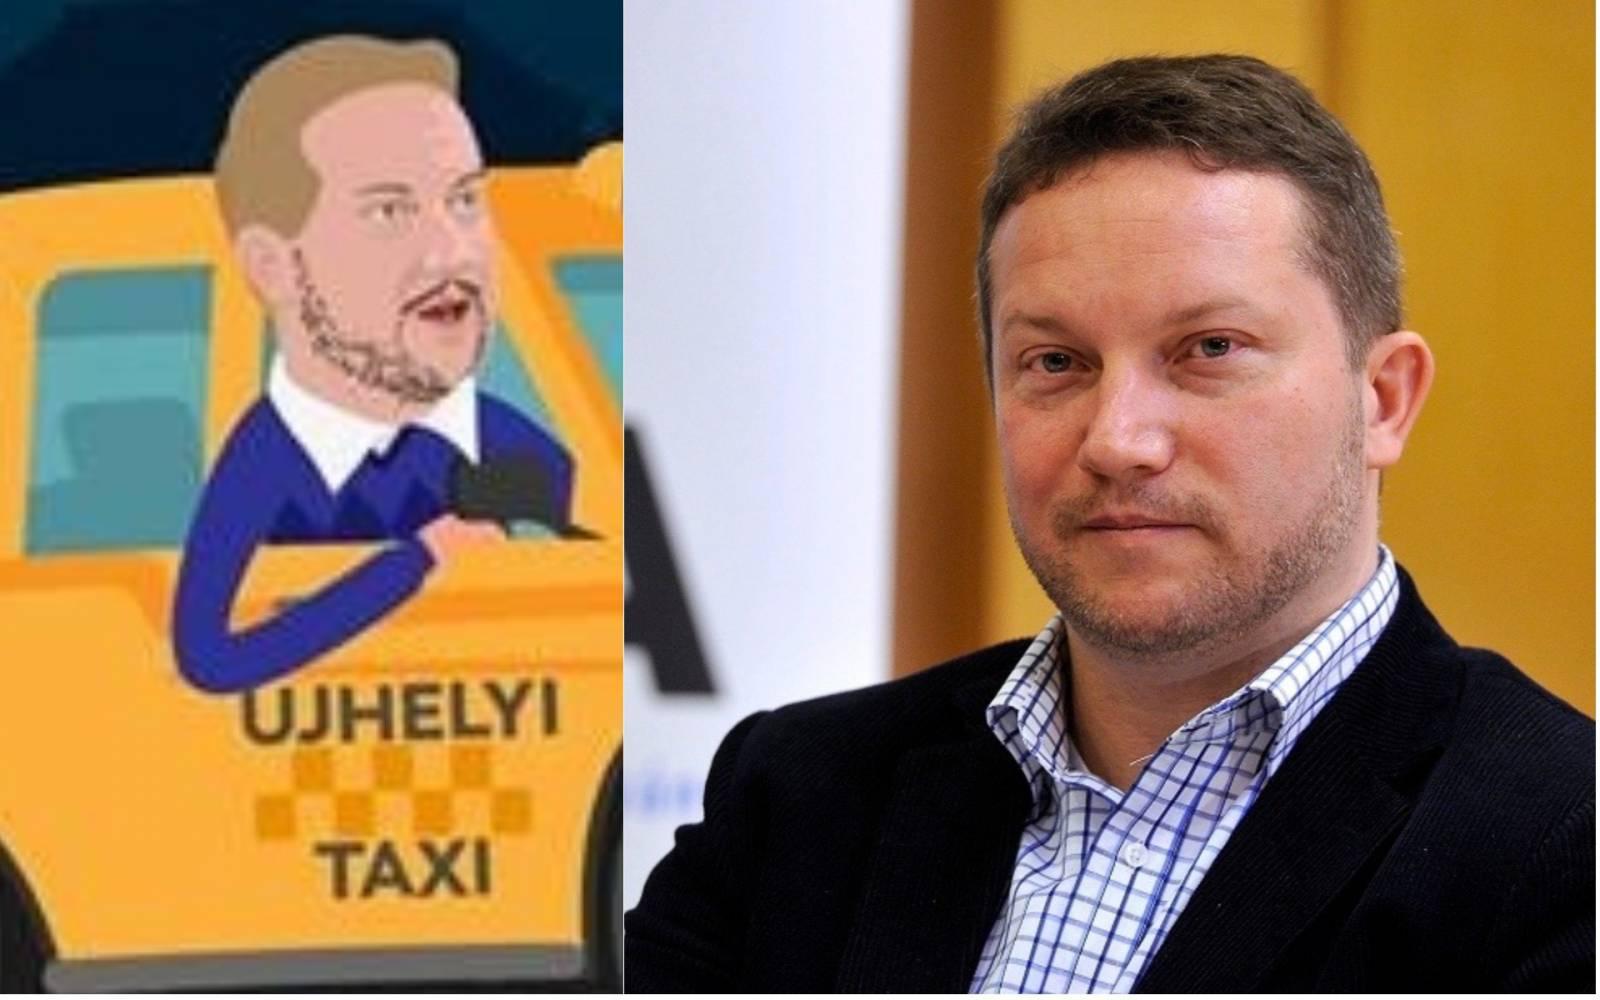 Fotók: MTI, Ujhelyi István Facebook-oldala, szerk.